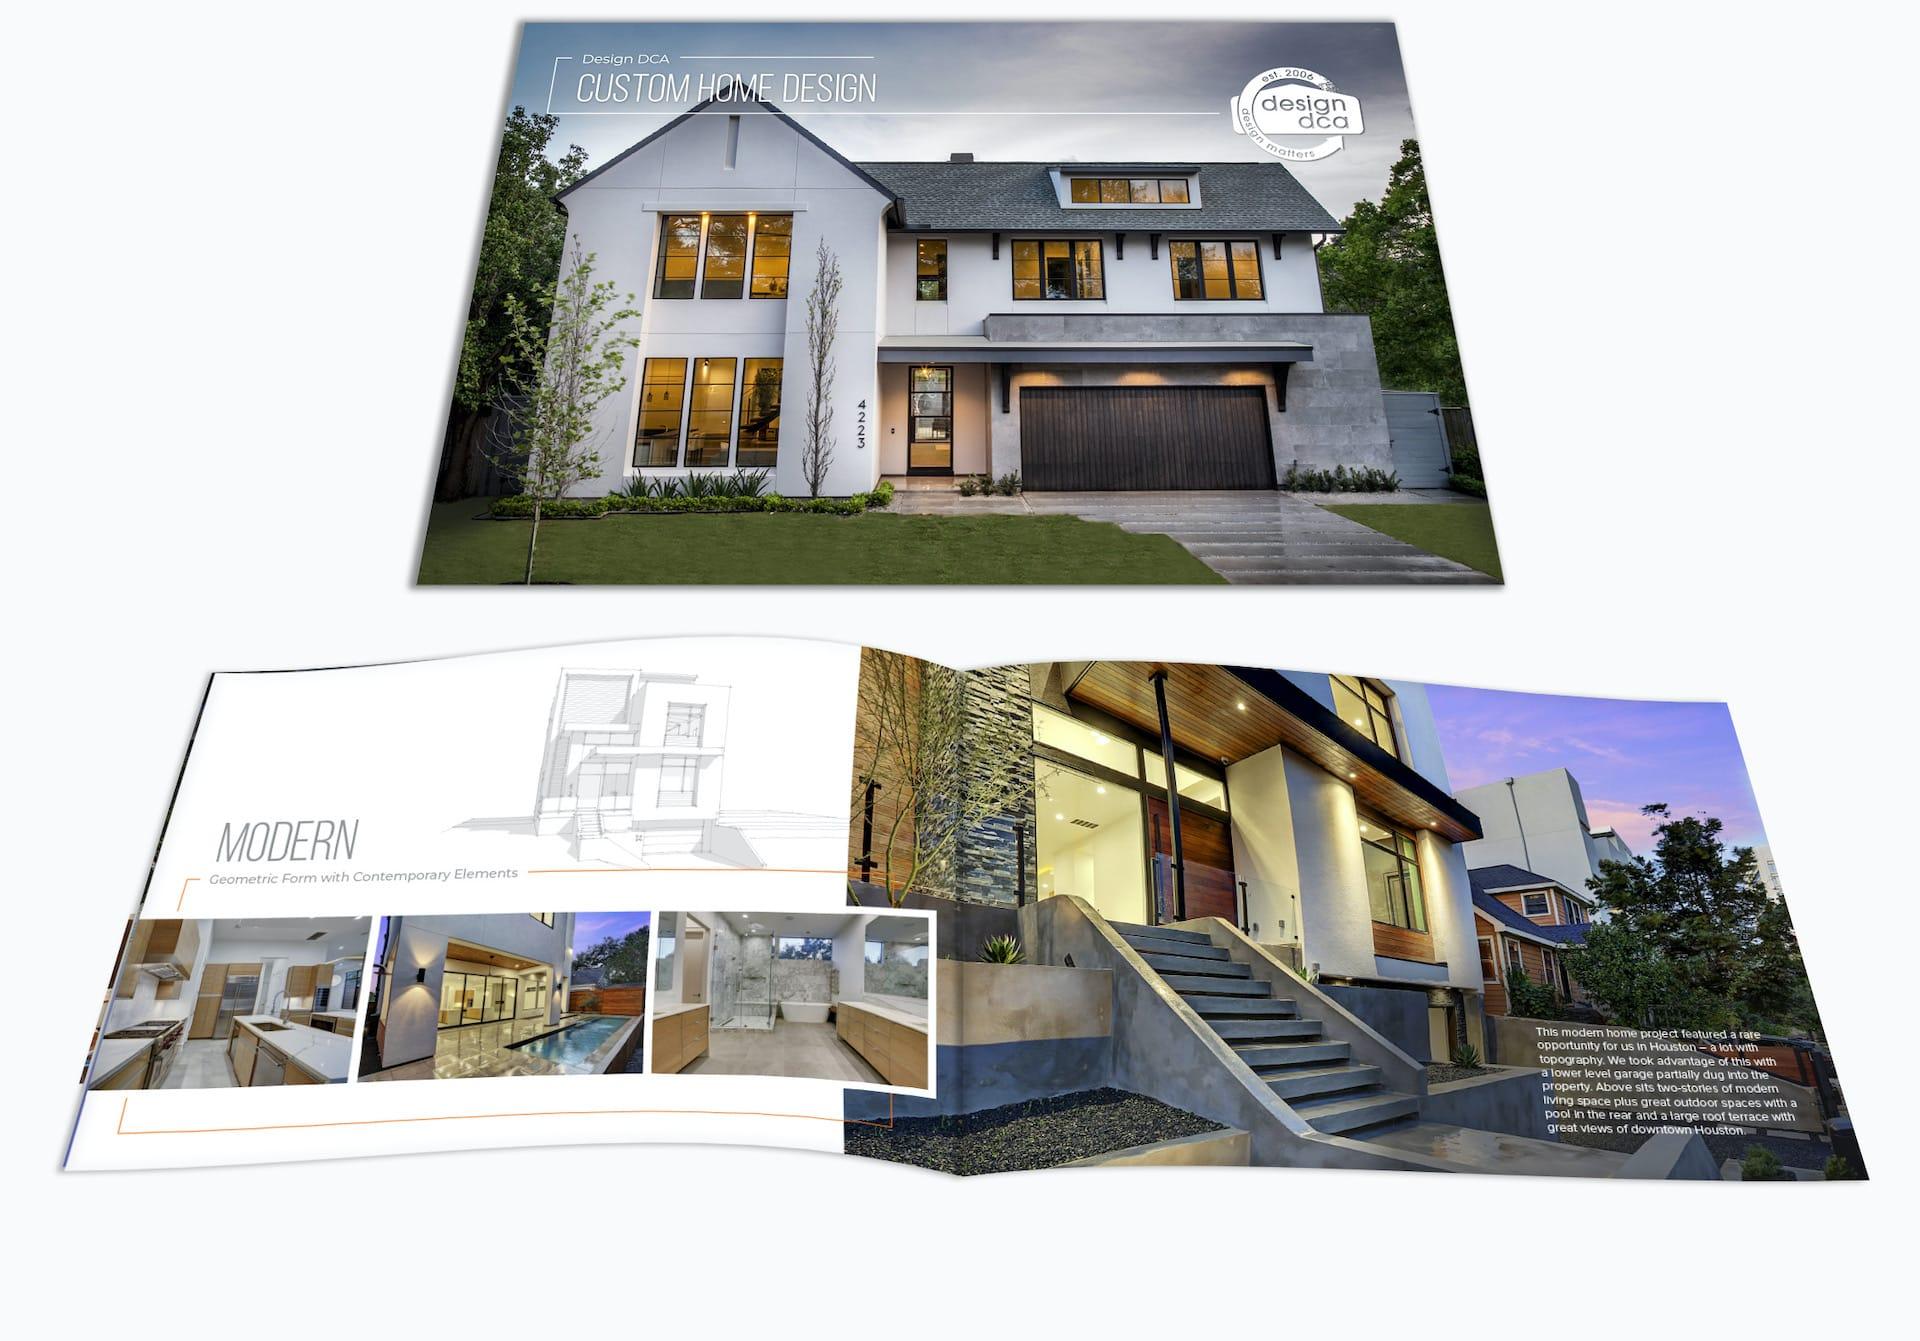 Design DCA Brochure